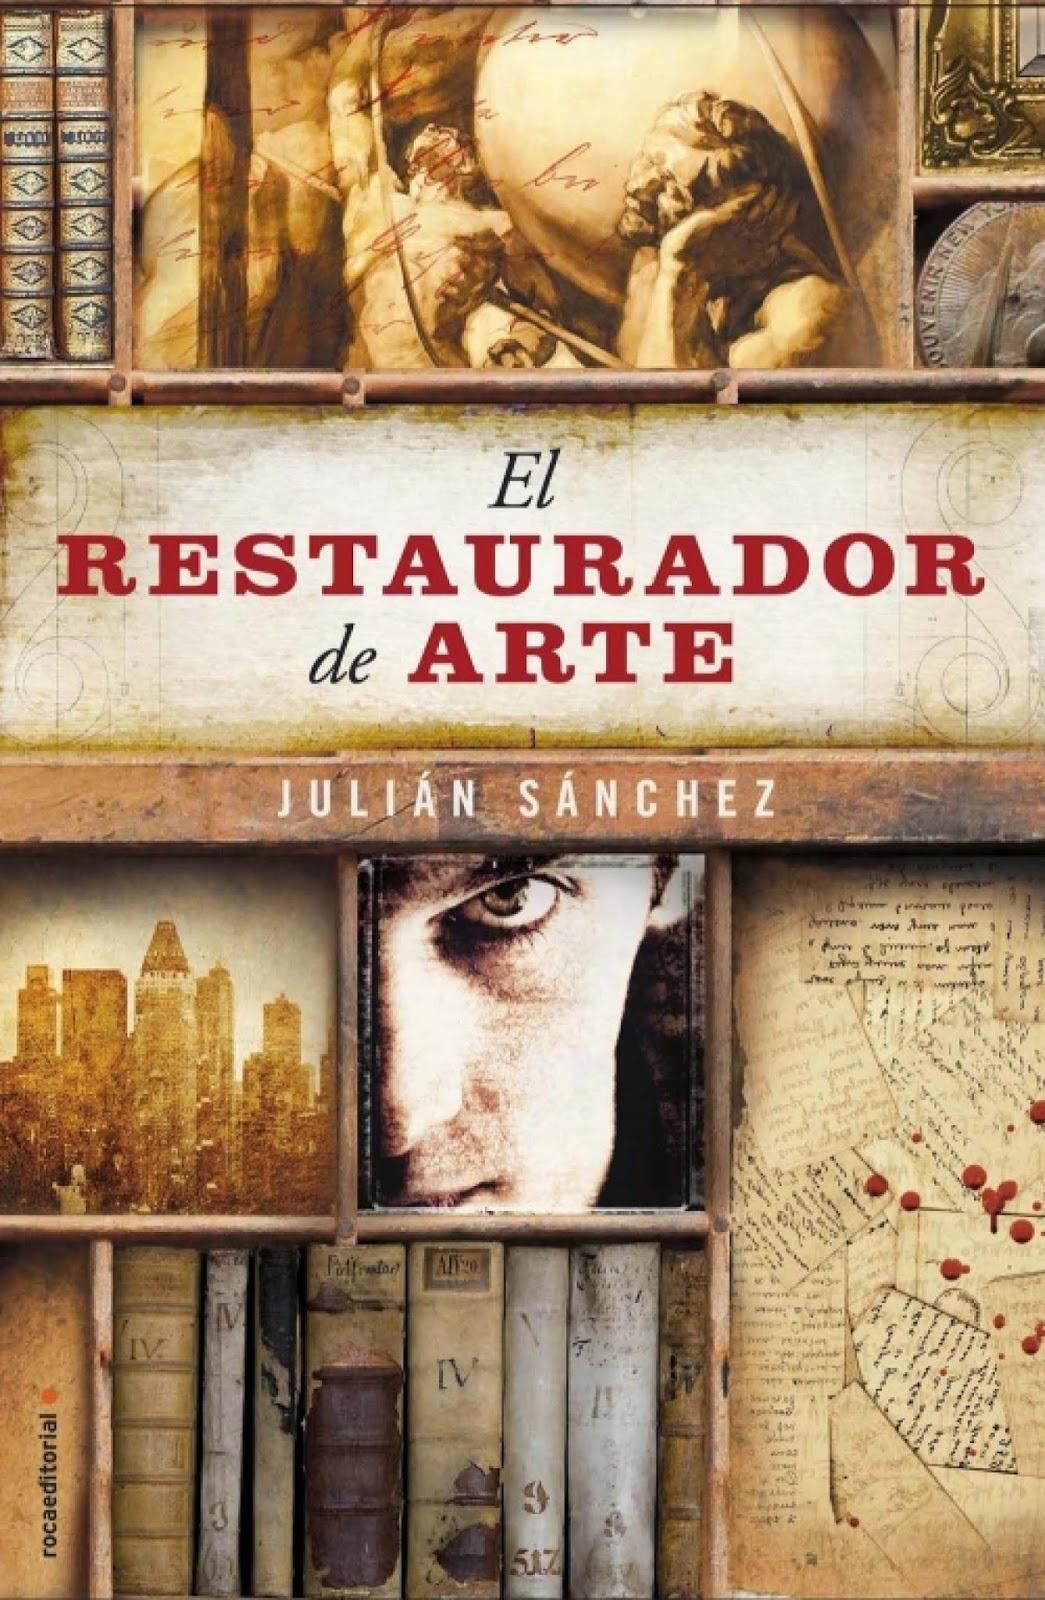 El restaurador de arte - Julián Sánchez (2013)